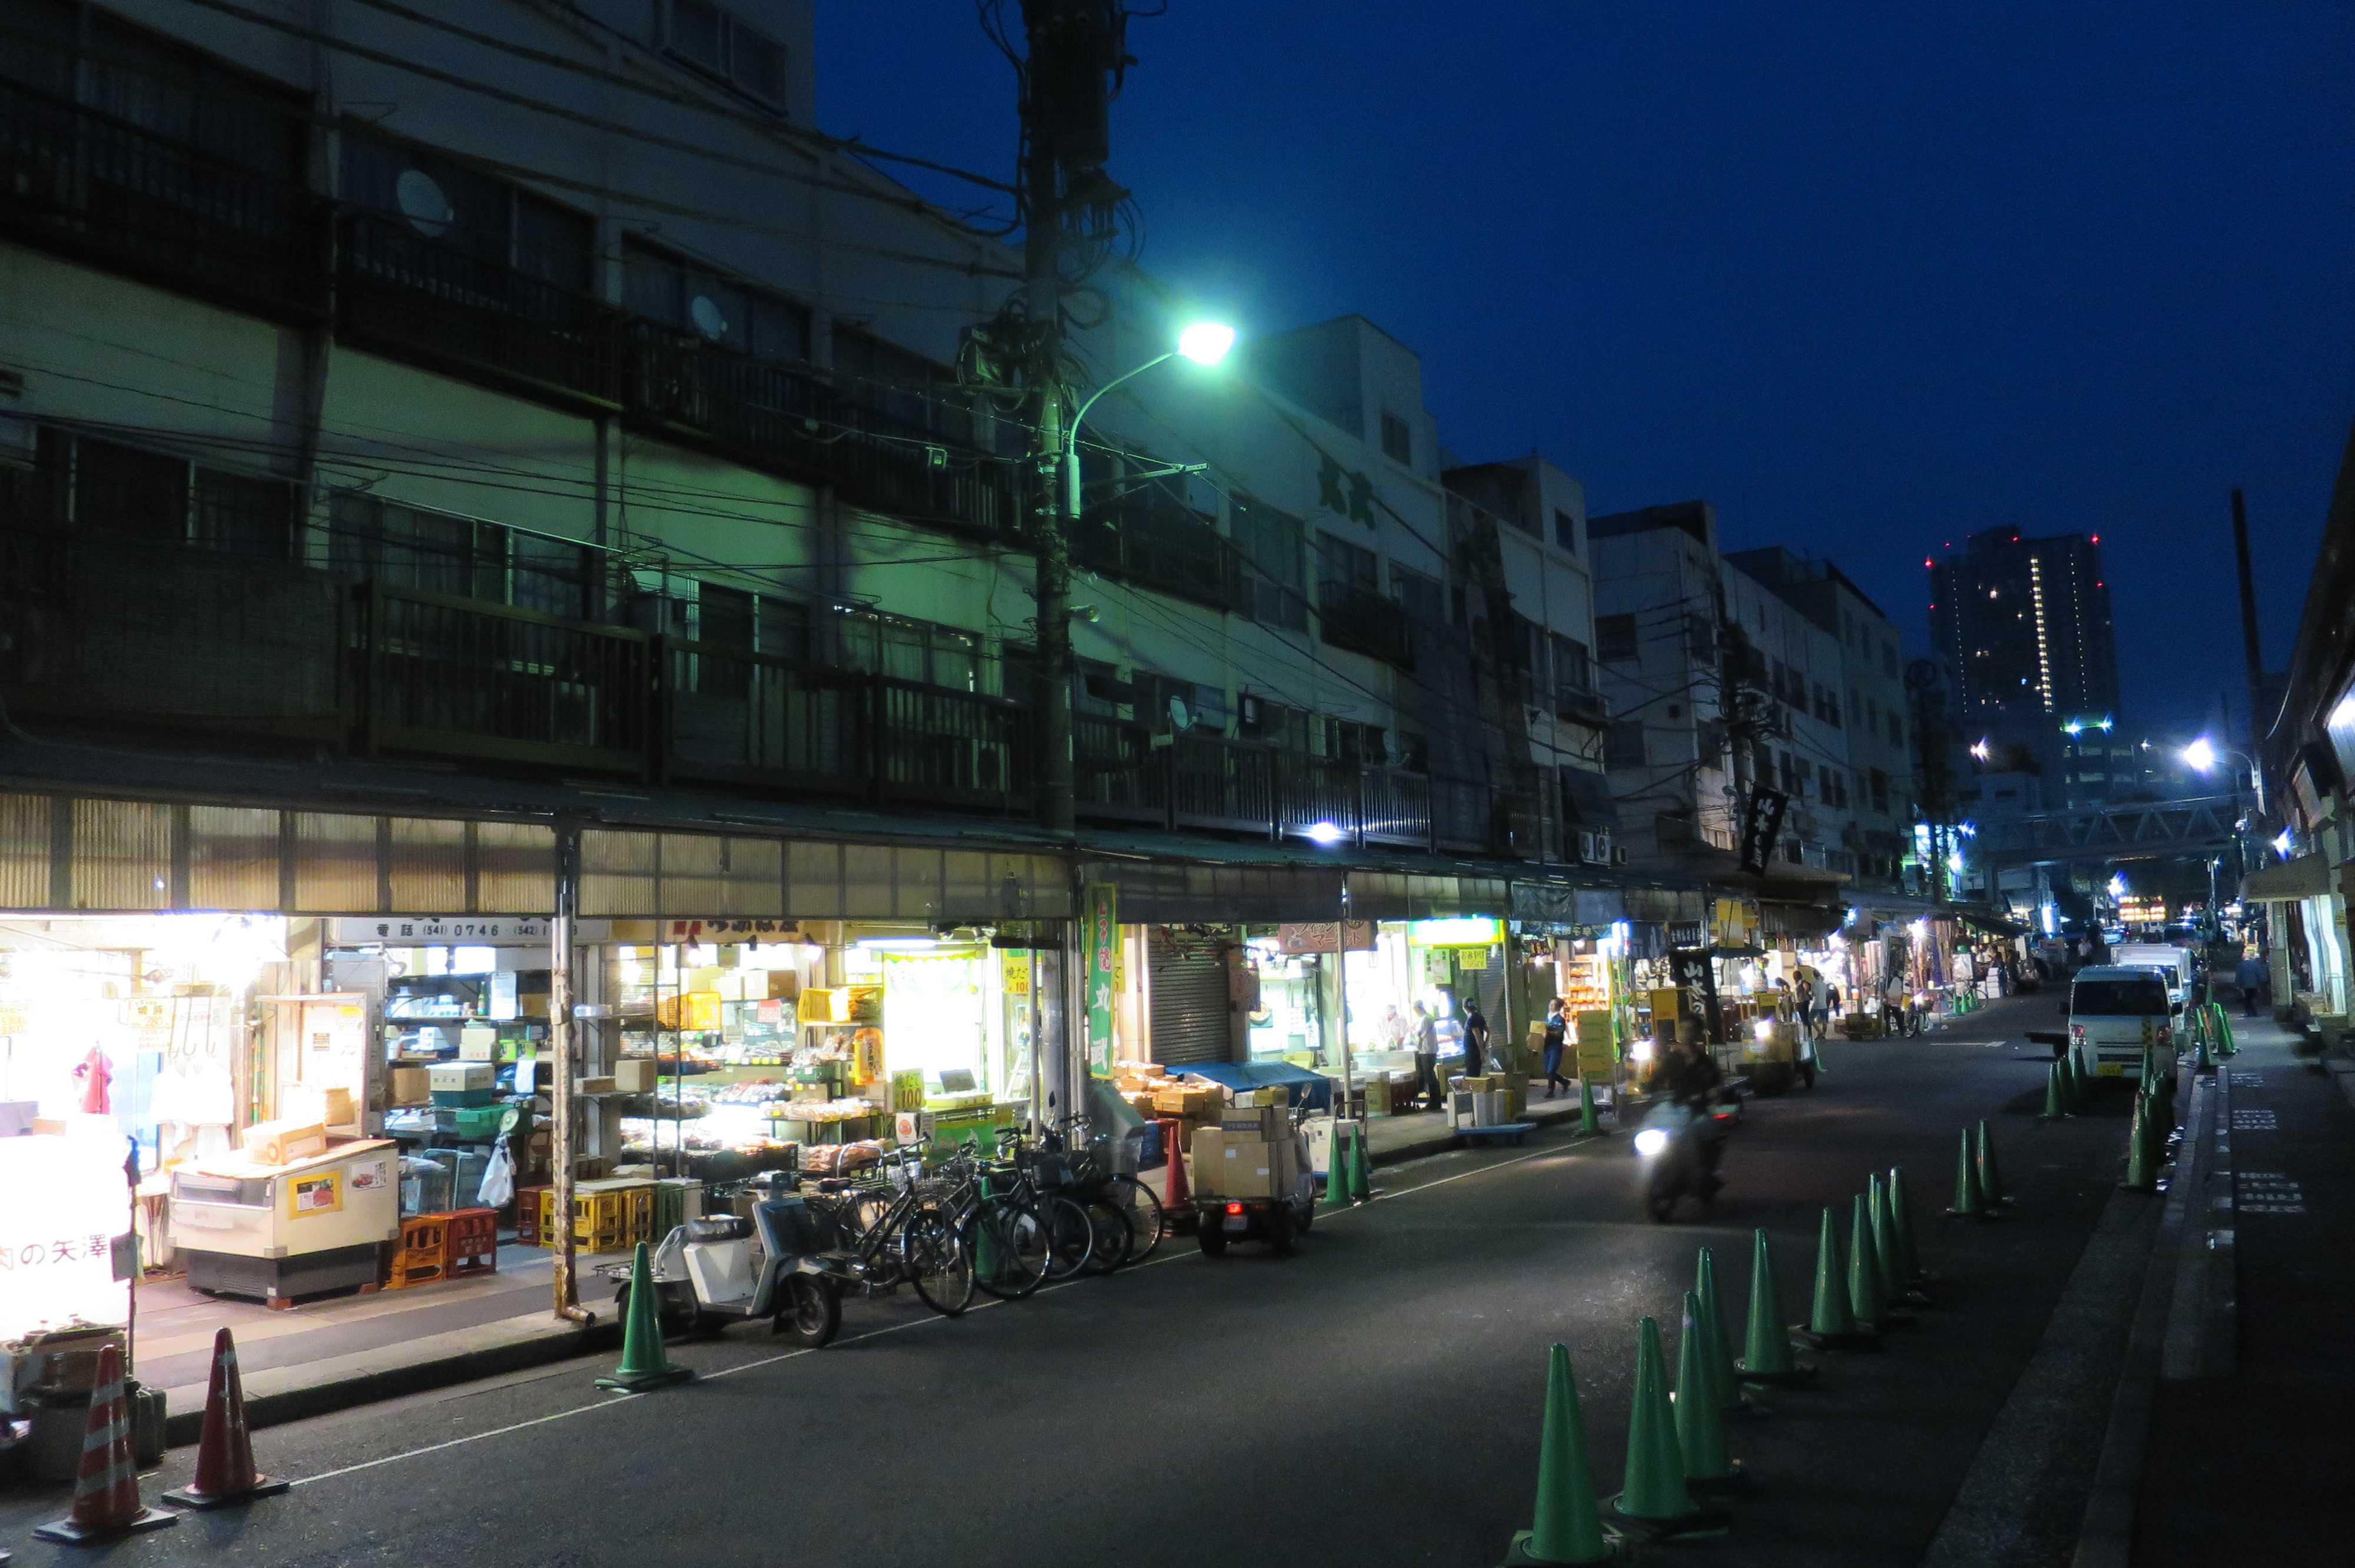 築地場外市場 - 夜明け前の波除通り